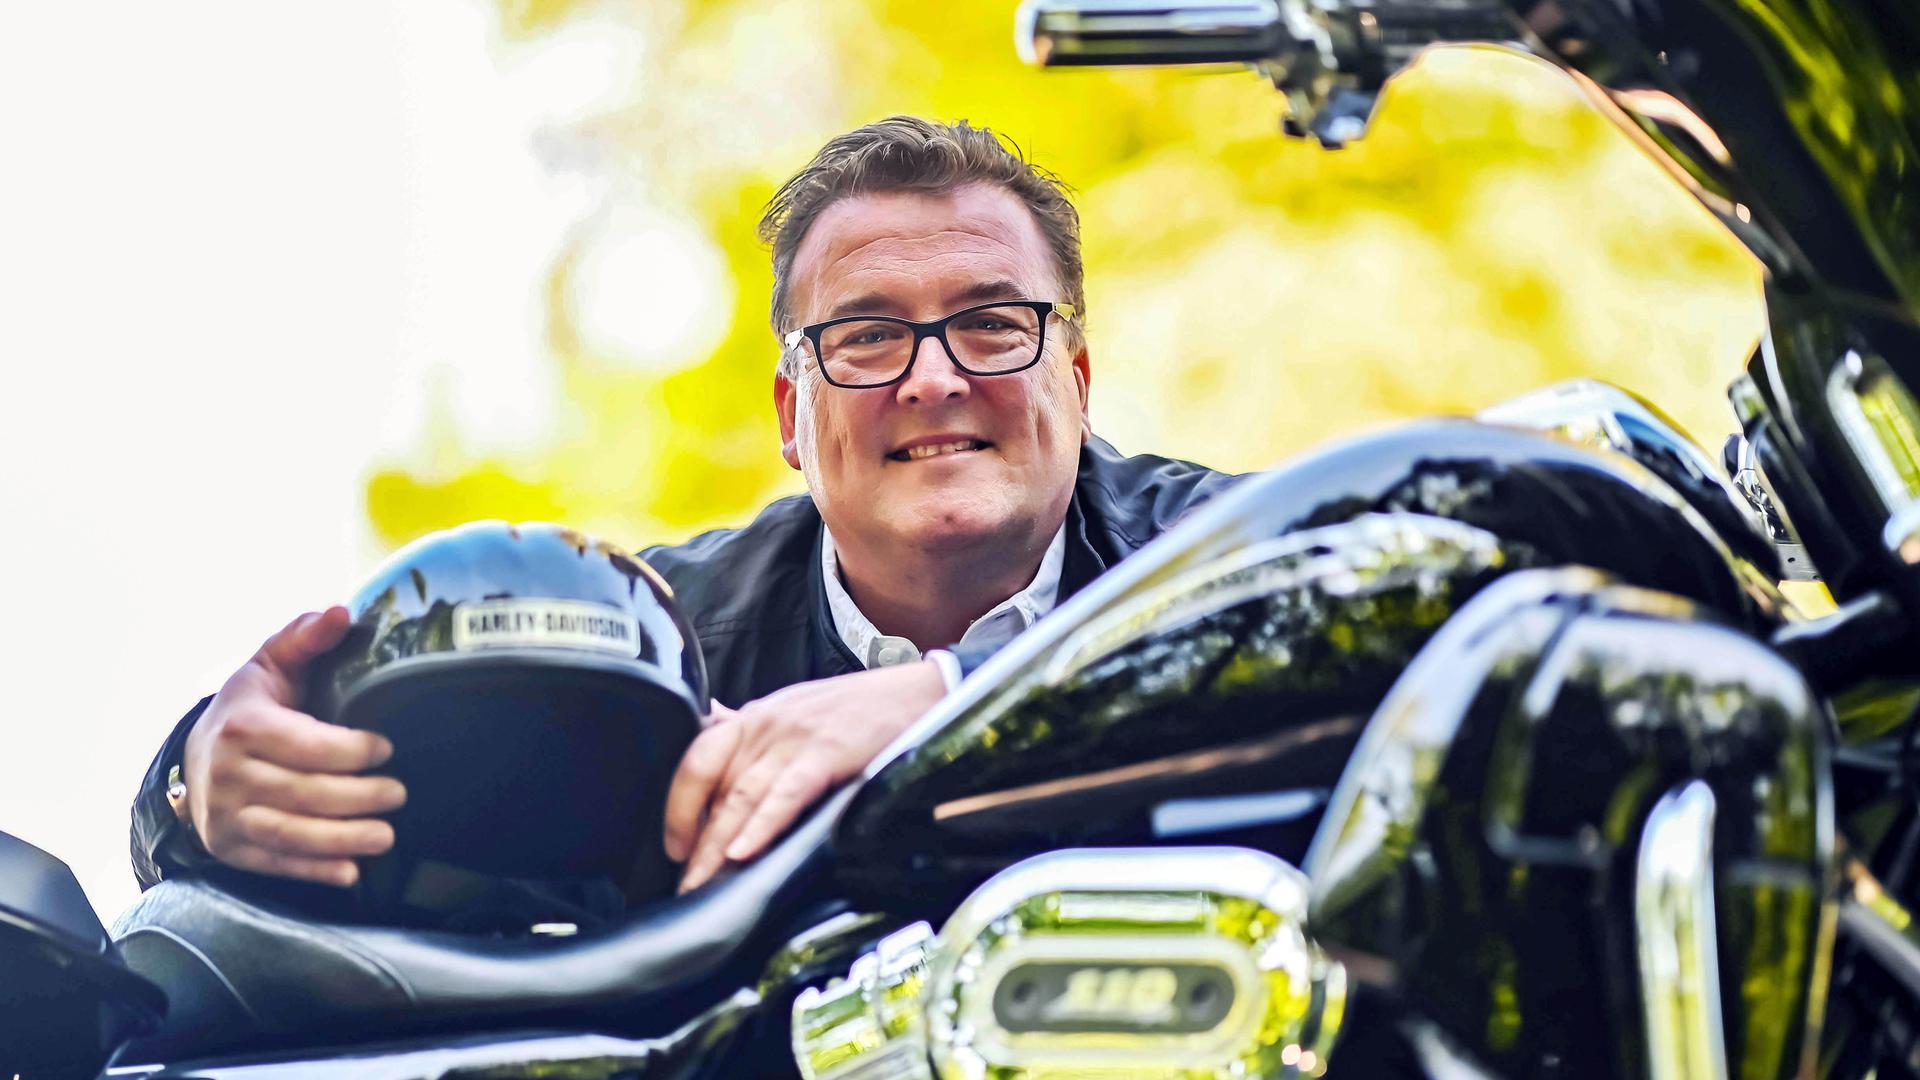 Er hat ein Faible für Amerika: Der Karlsruher Bäderchef Oliver Sternagel, hier mit seiner Harley Davidson.